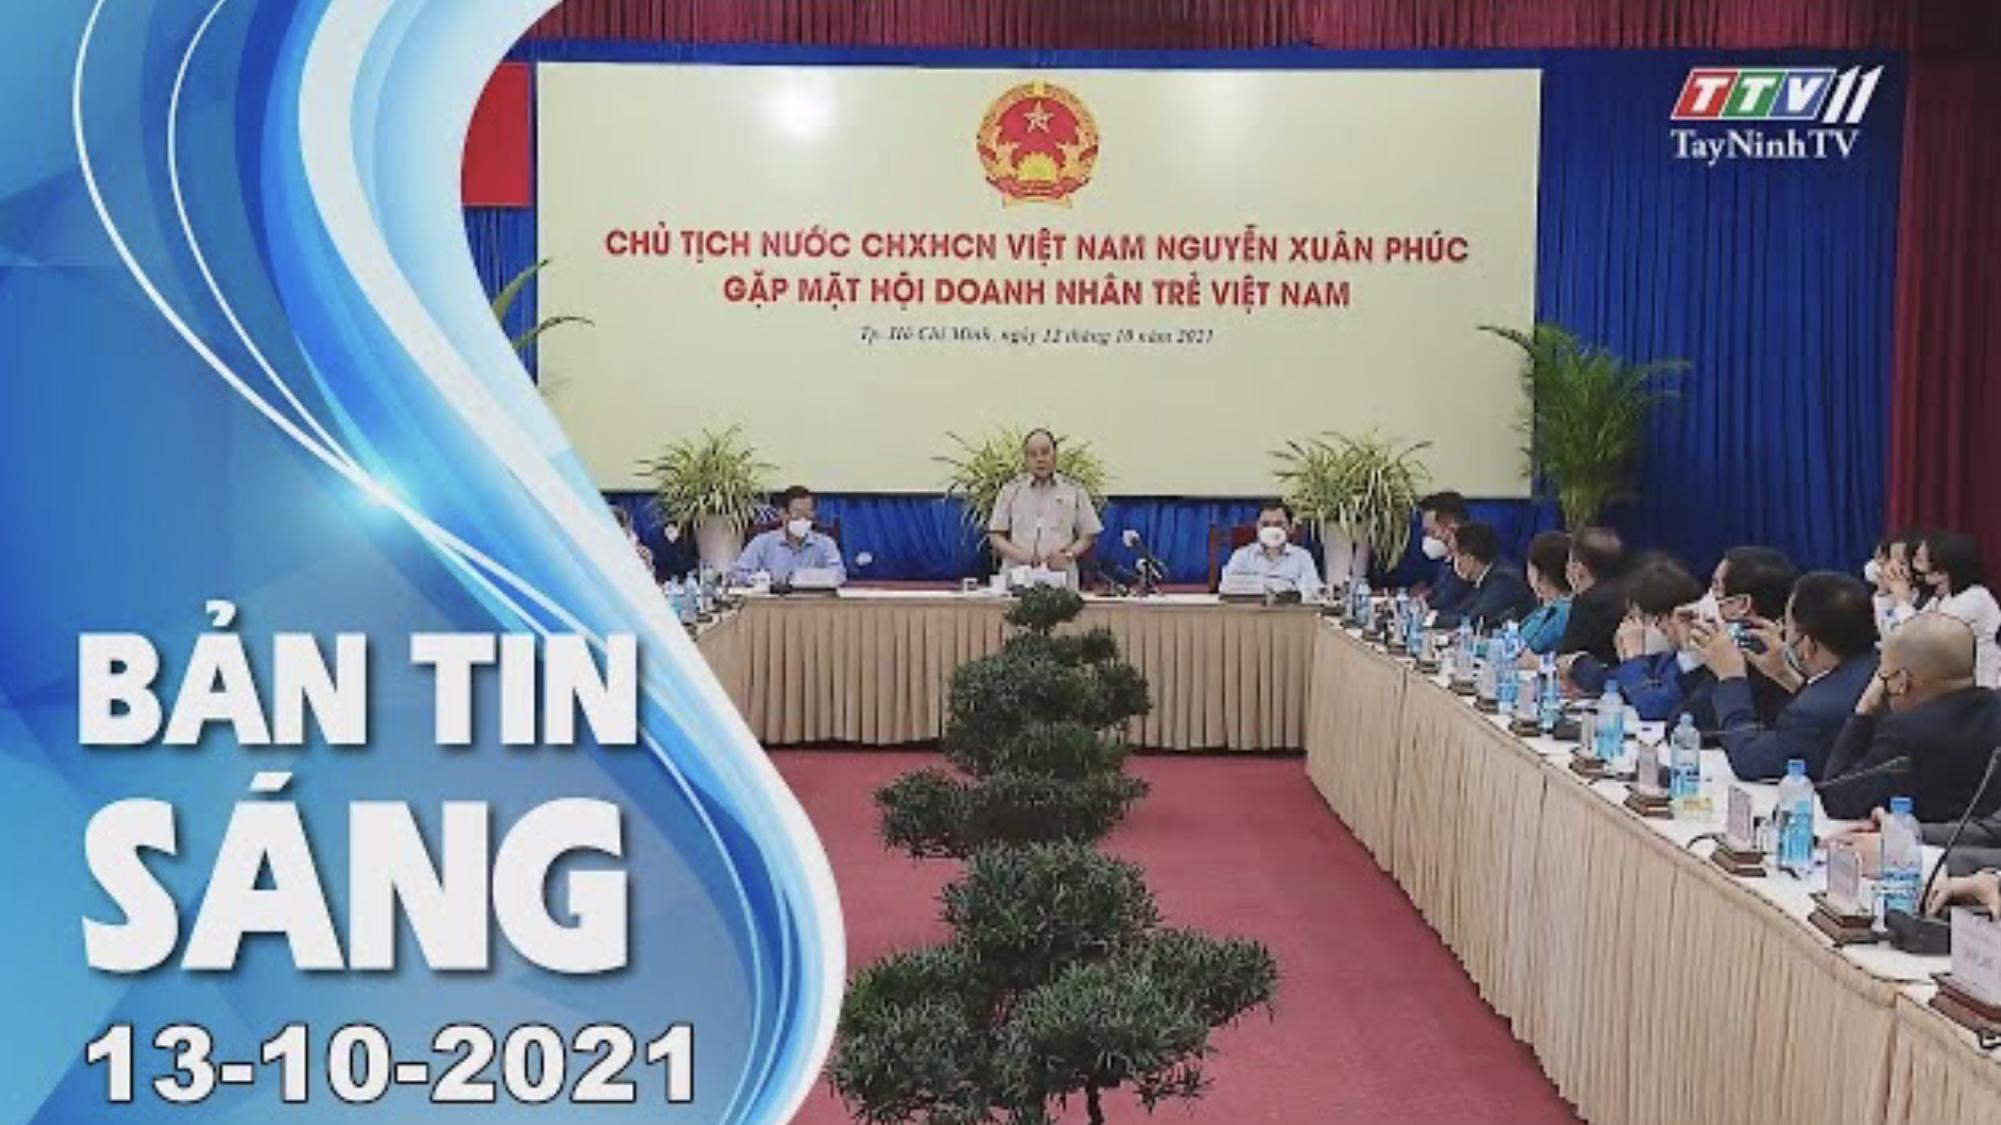 BẢN TIN SÁNG 13/10/2021 | Tin tức hôm nay | TayNinhTV